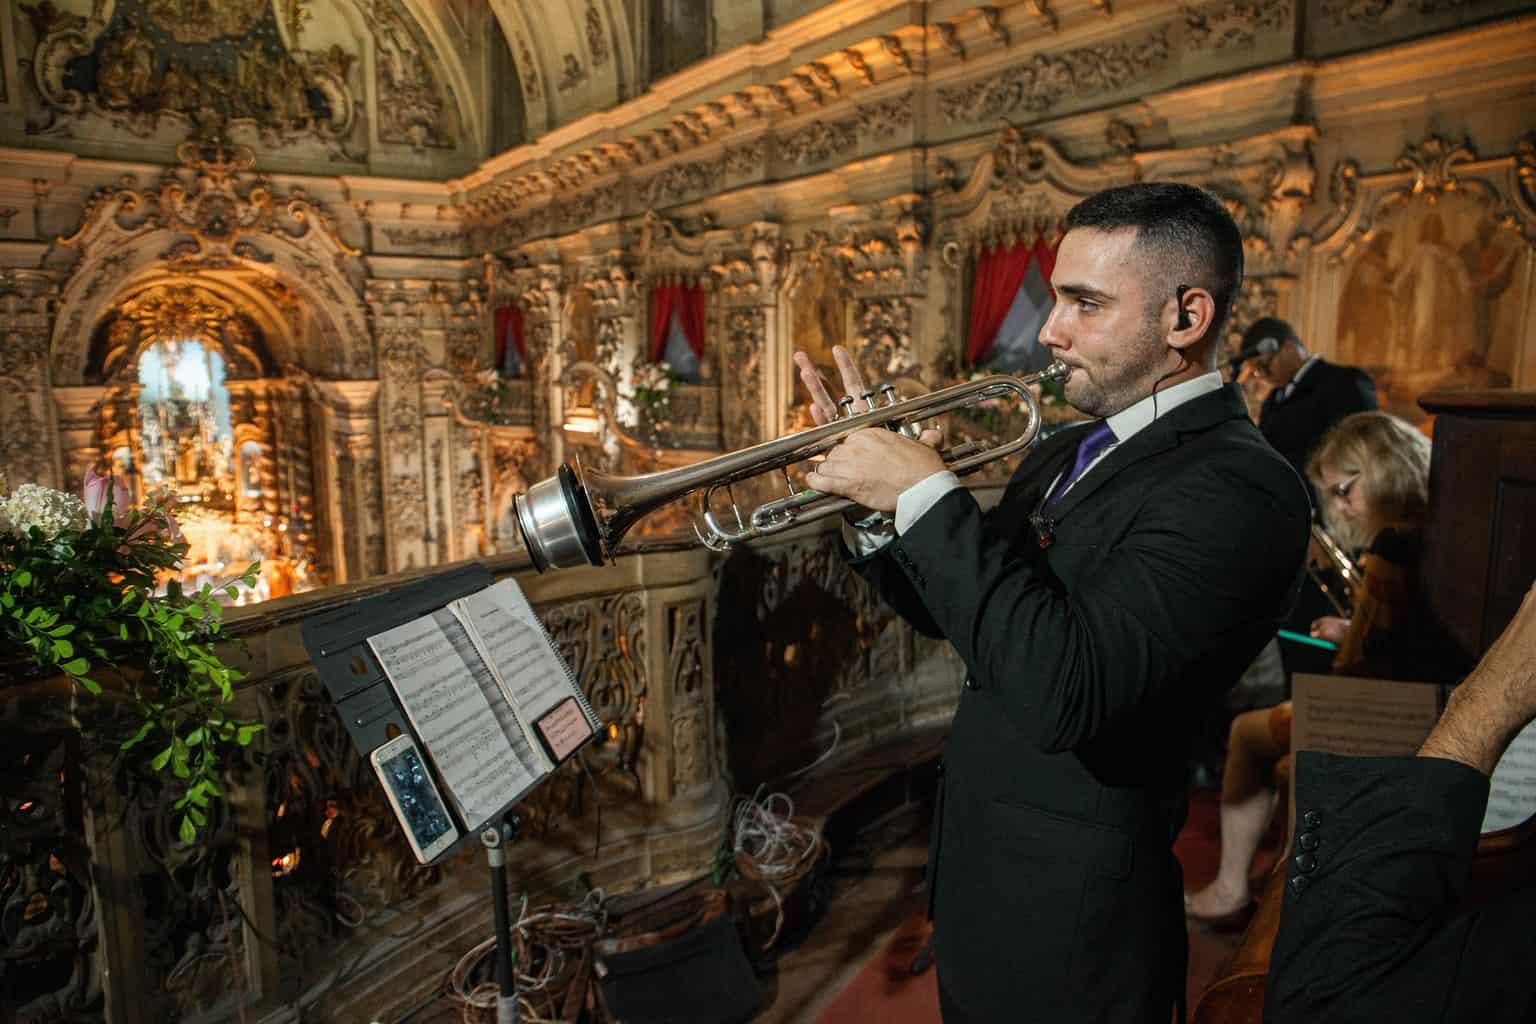 casamento-Raquel-e-Igor-cerimonia-na-igreja-fotografia-VRebel169